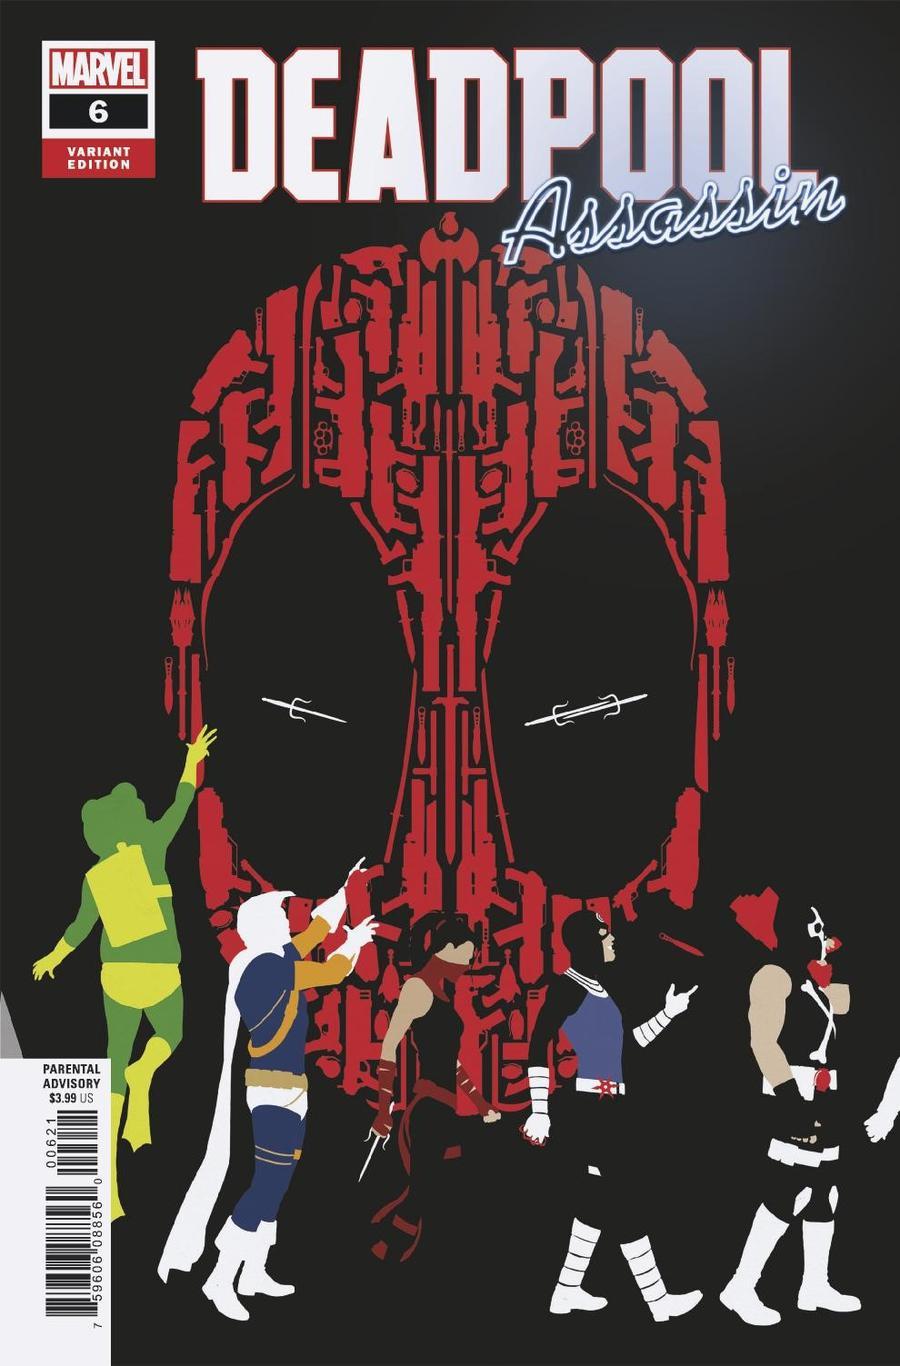 Deadpool Assassin #6 Cover B Variant John Tyler Christopher Cover